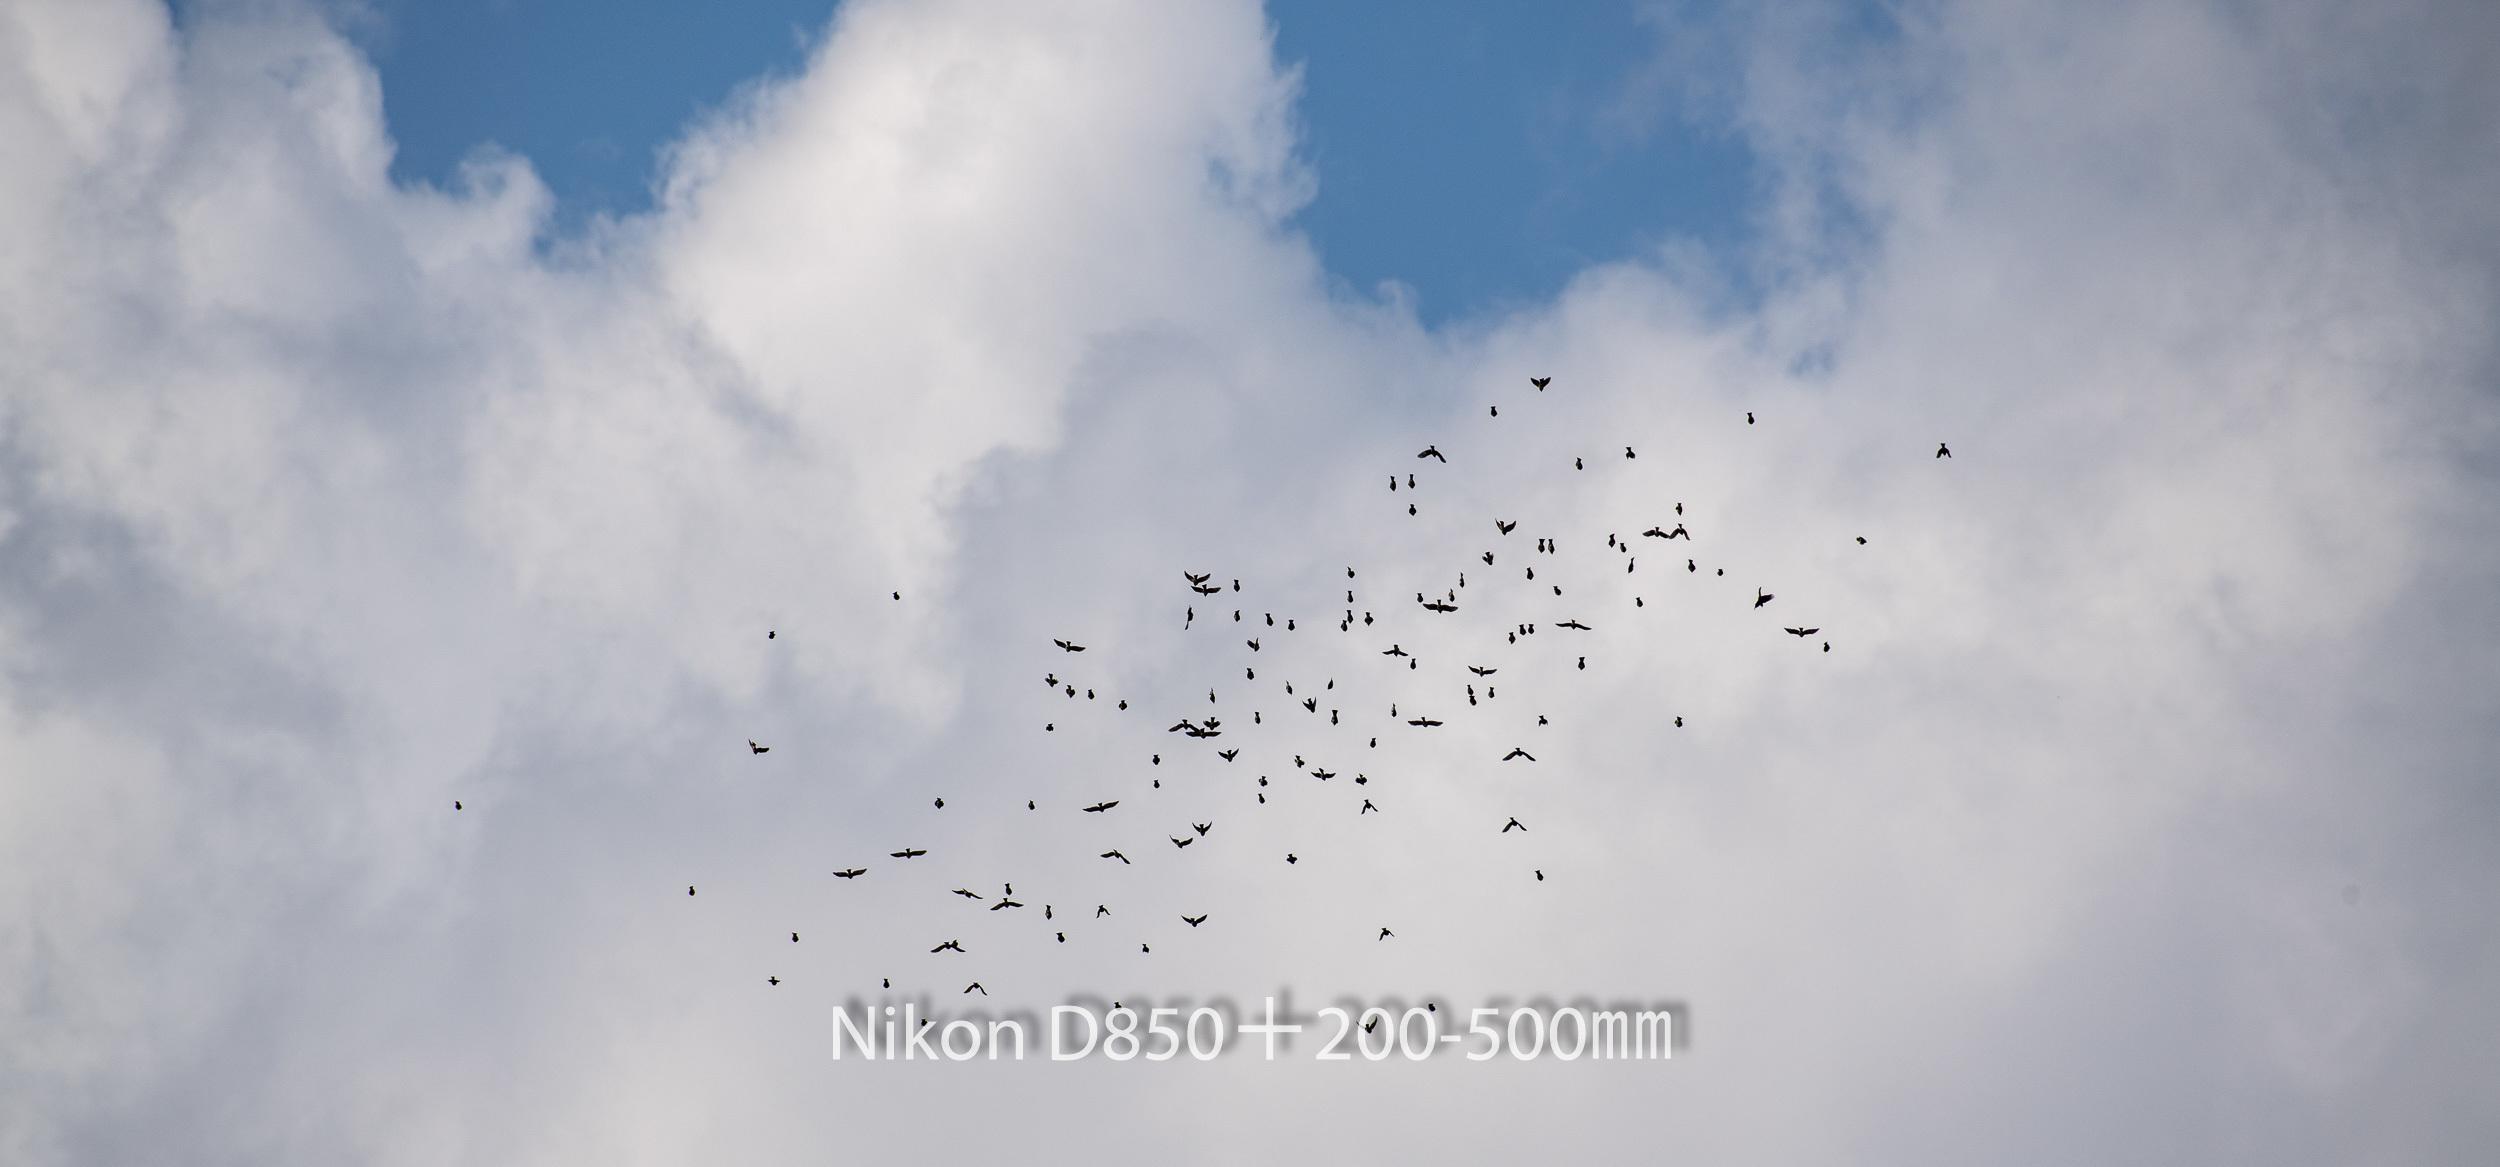 191004 ヒヨドリ集団-19 NIKON D850 ISO 90 500 mm 8256 x 3853